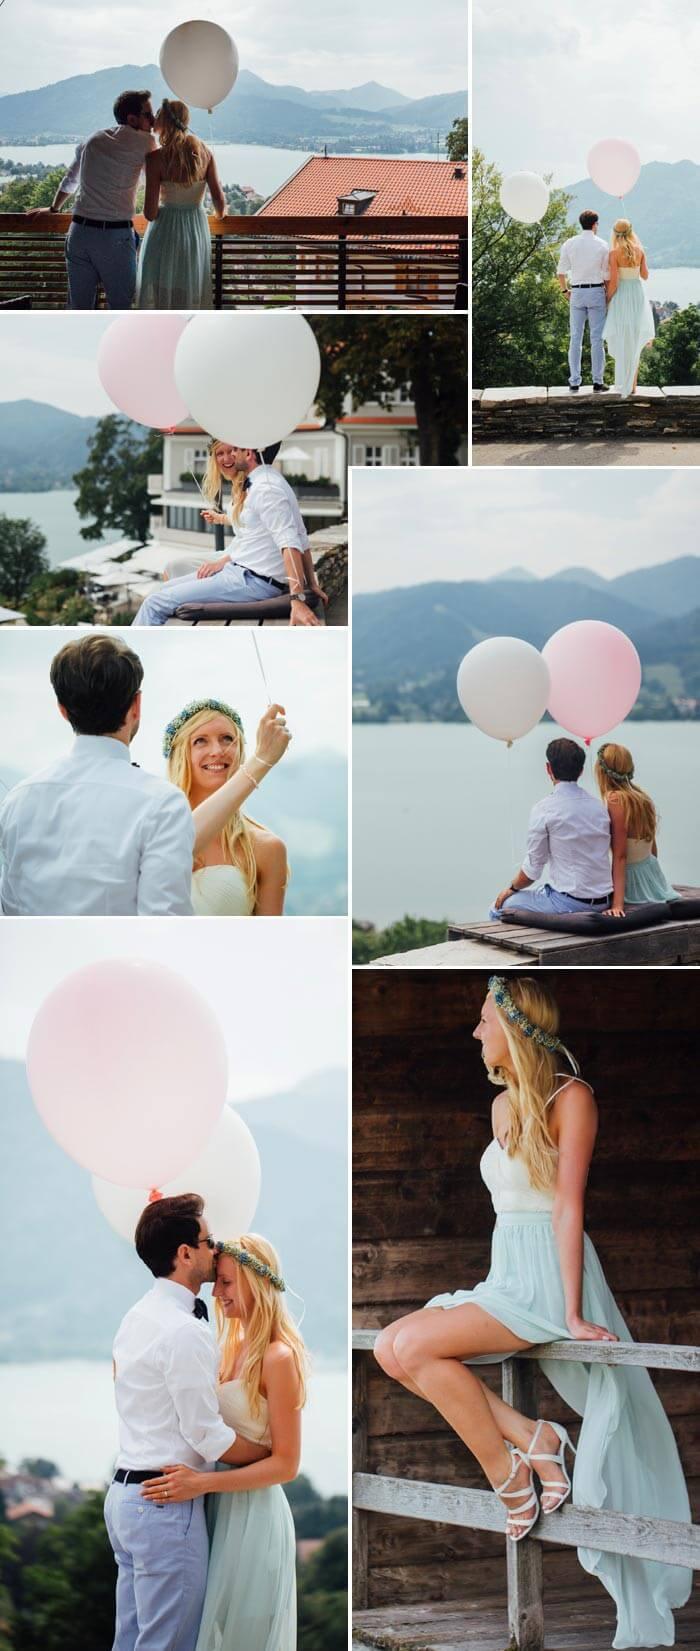 Heimliche Hochzeit zu Zweit